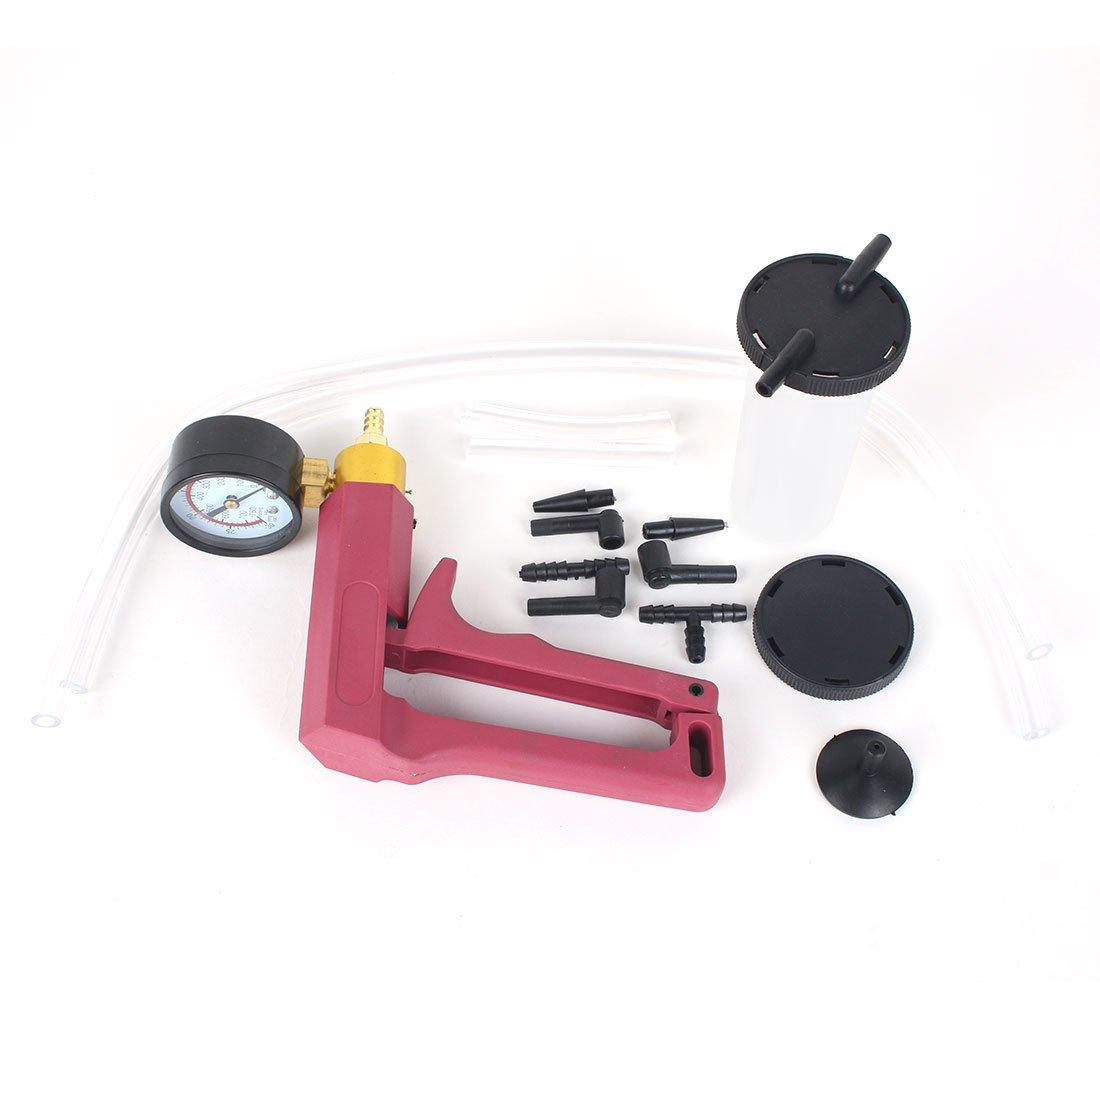 13PC Hand Held Vacuum Pressure Pump Tester Kit Brake Fluid Bleeder Car Motorbike Bleeding Set by Copap (Image #2)